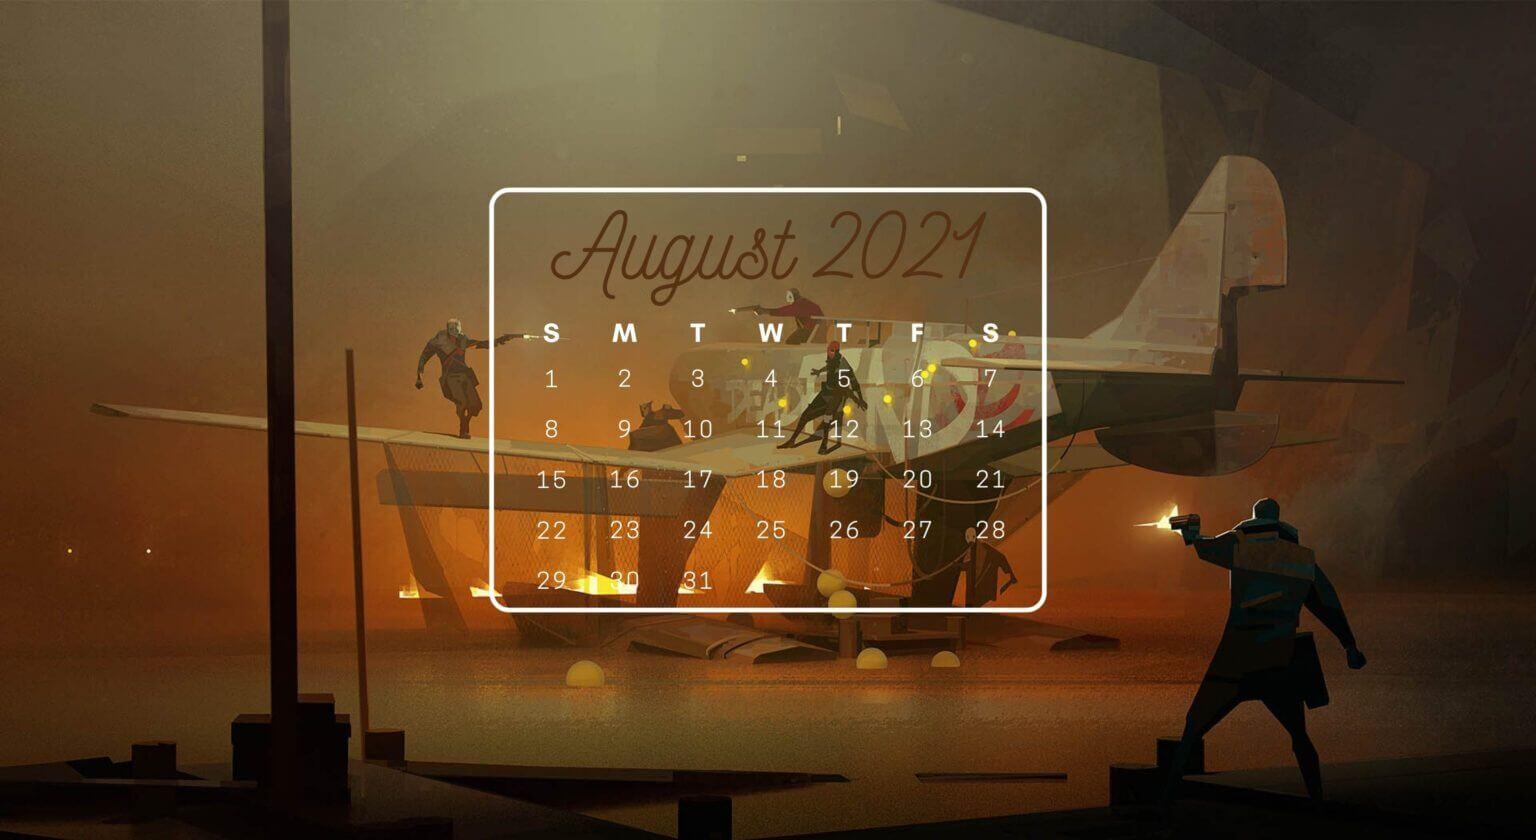 August 2021 Calendar Screensaver